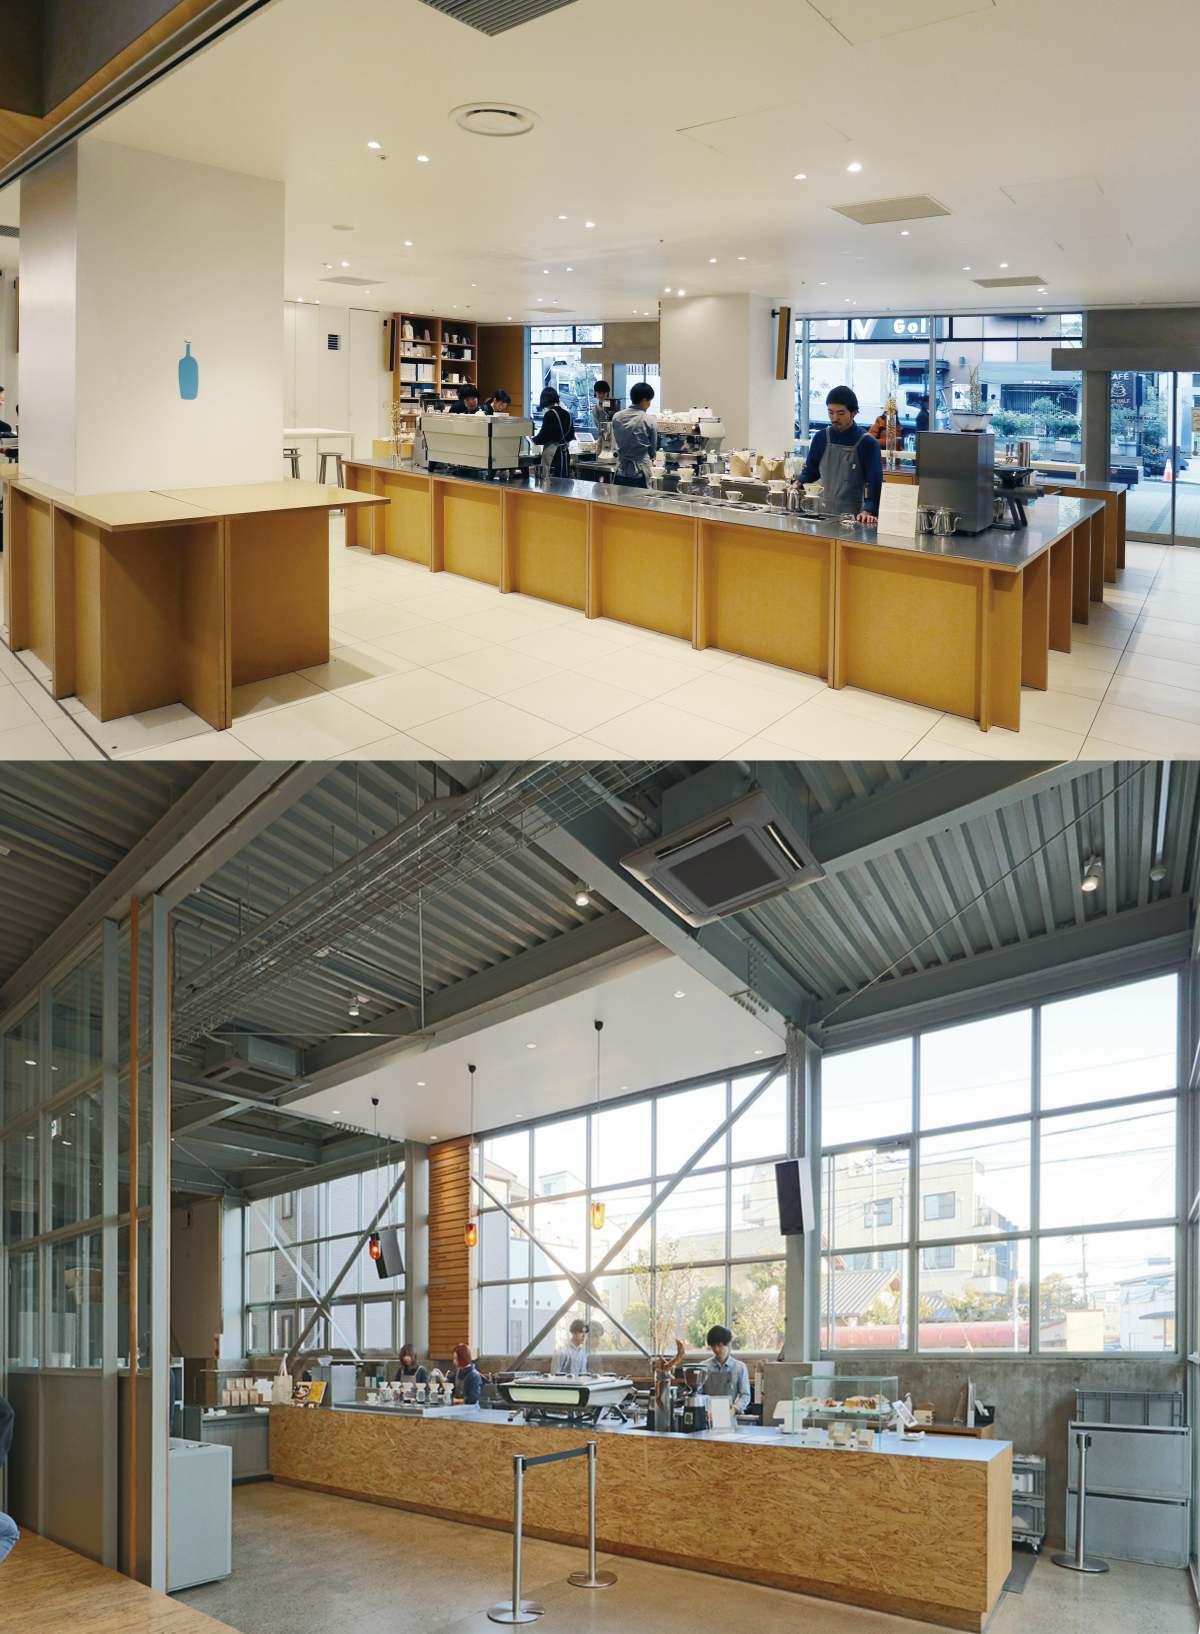 (위) 신주쿠에 위치한 '블루보틀' 매장 내부. (아래) 기요스미에 위치한 '블루보틀' 매장 내부. 커피의 제조 과정에만 집중하도록 만든 구조다. ©쌤앤파커스